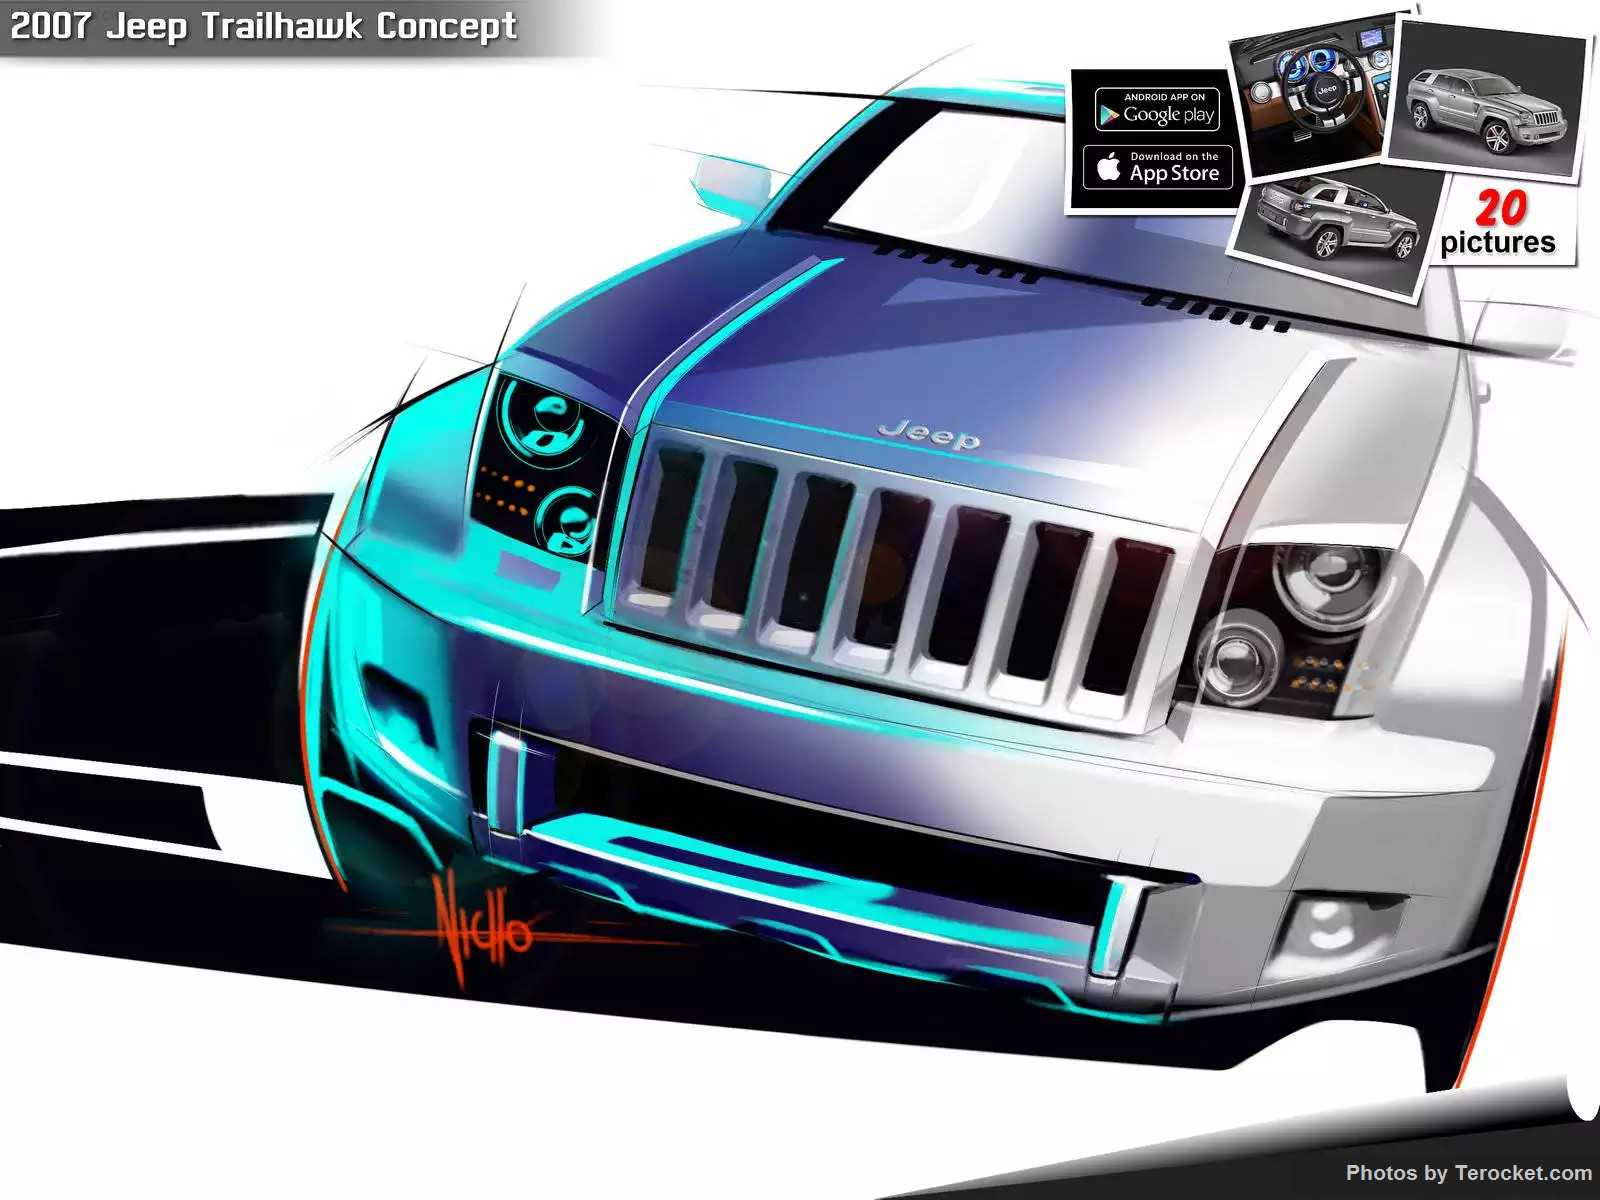 Hình ảnh xe ô tô Jeep Trailhawk Concept 2007 & nội ngoại thất